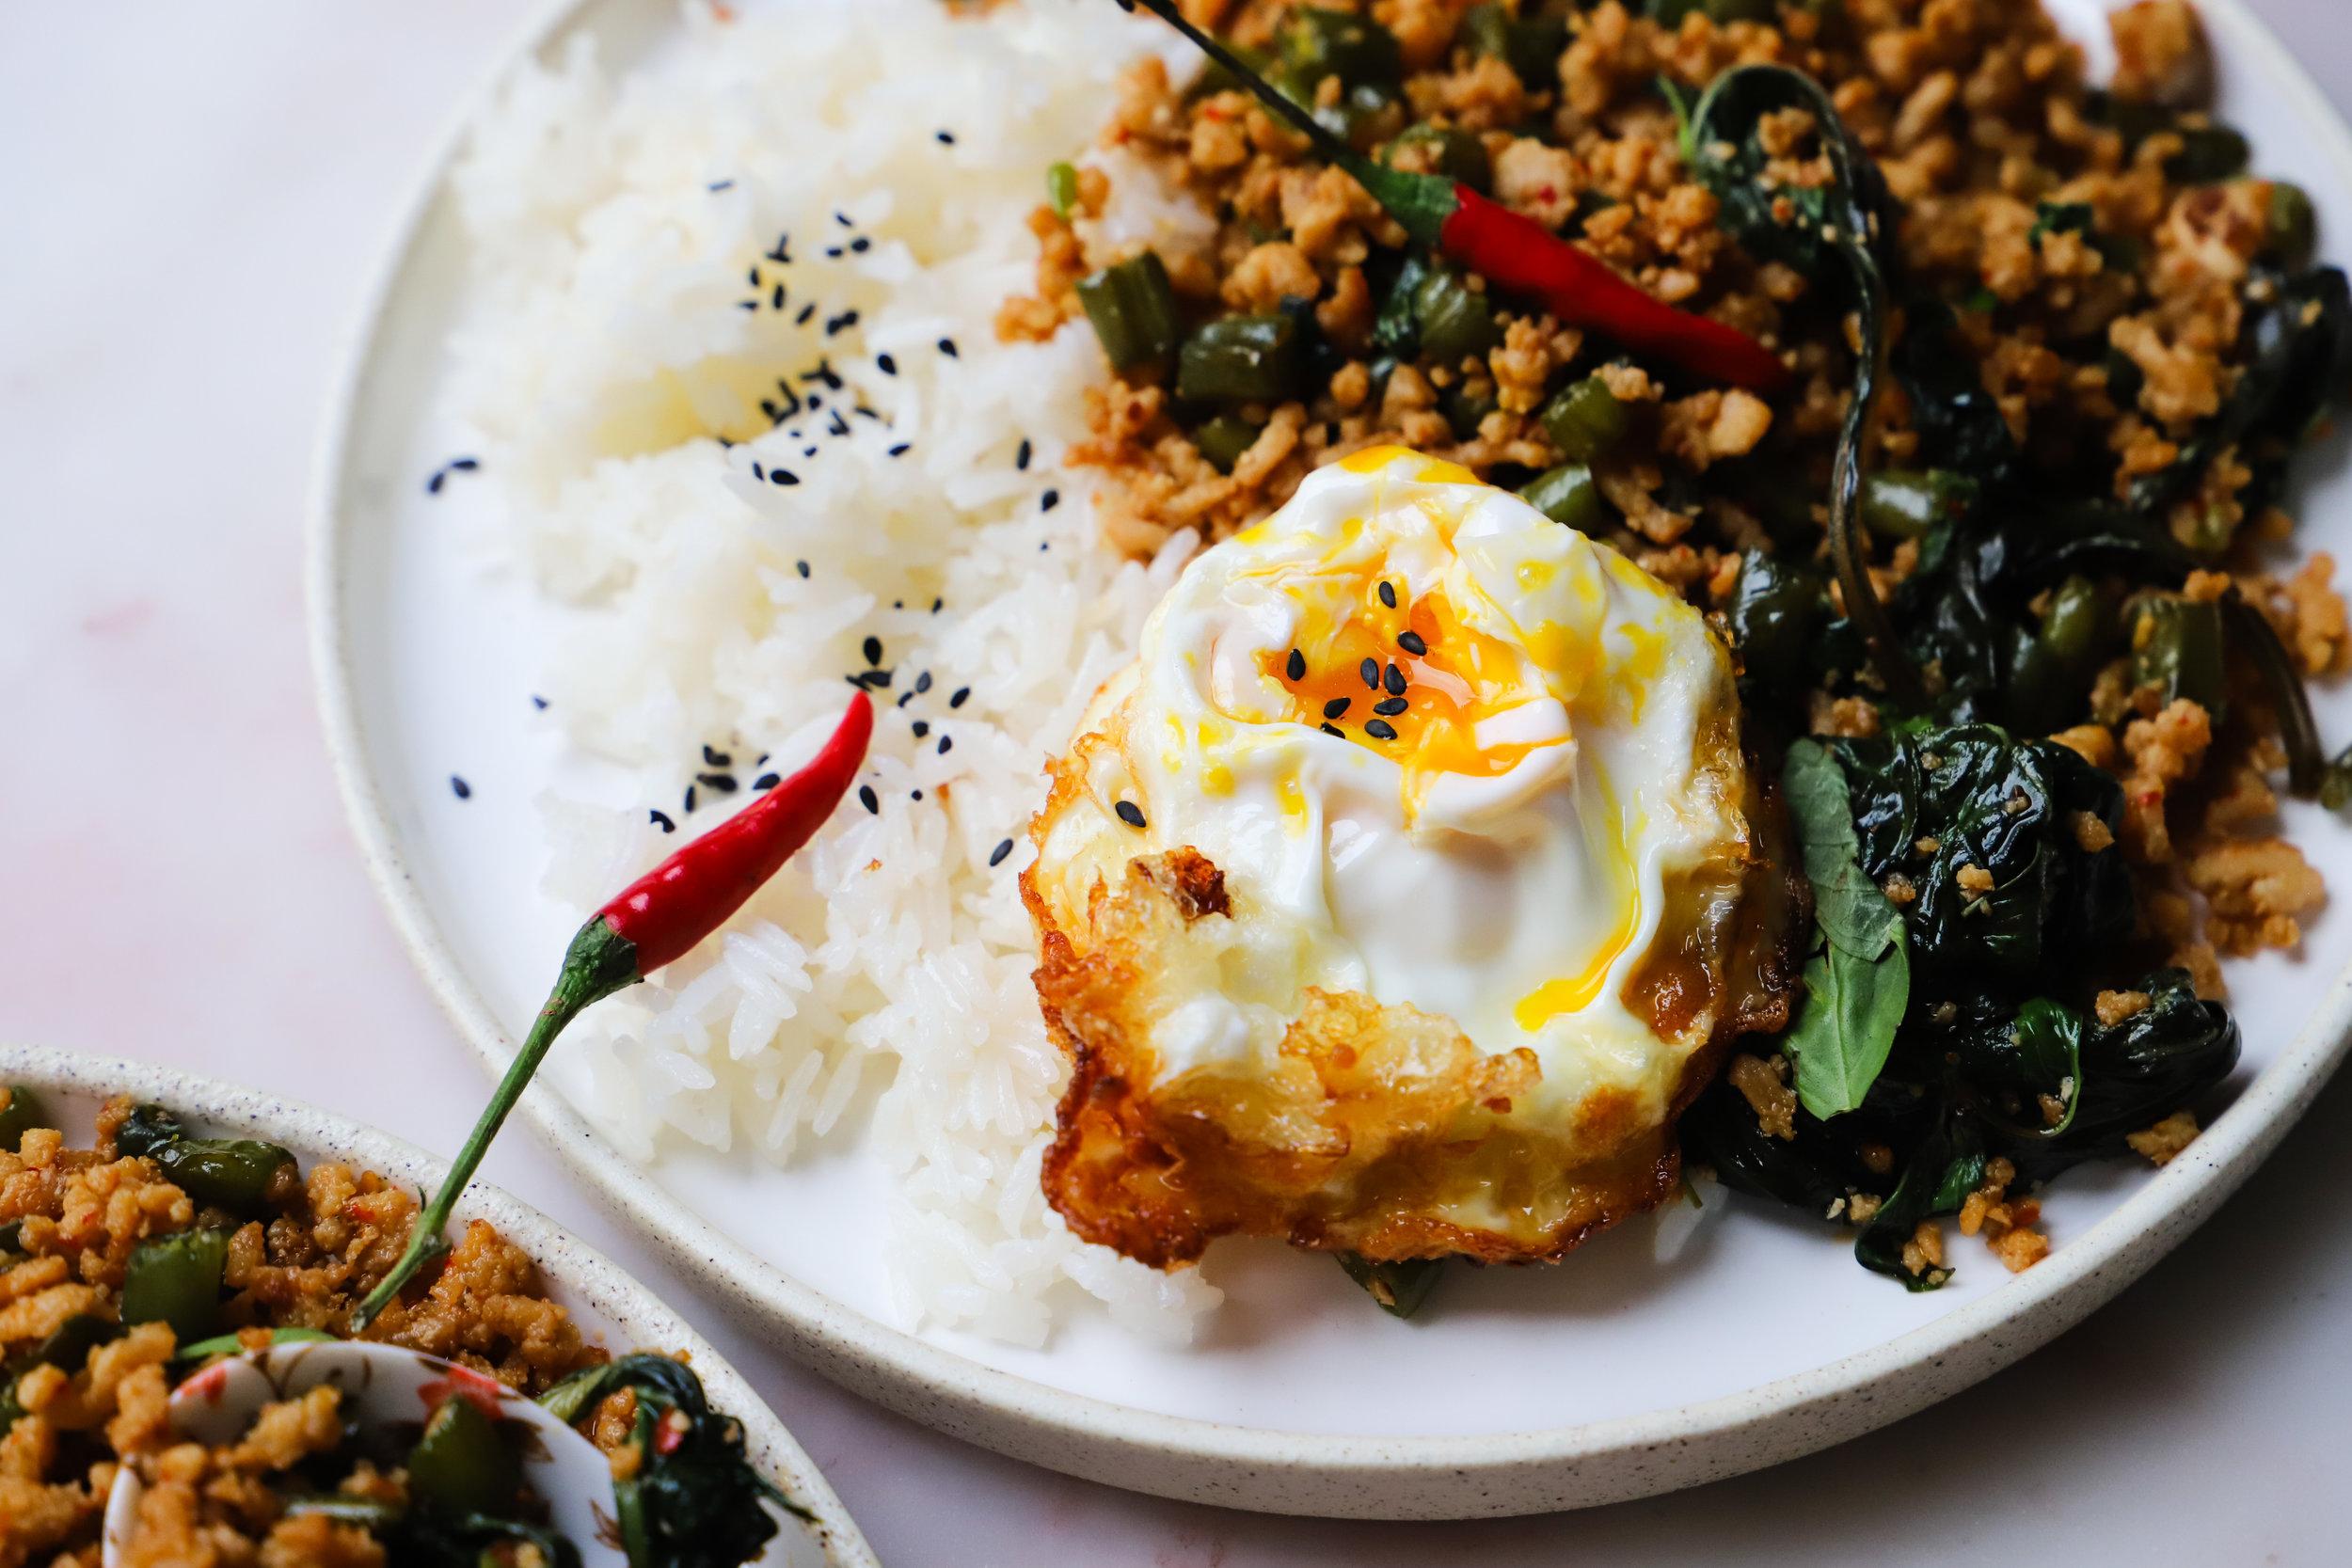 Thai Basil Chicken (Gai Pad Krapow))